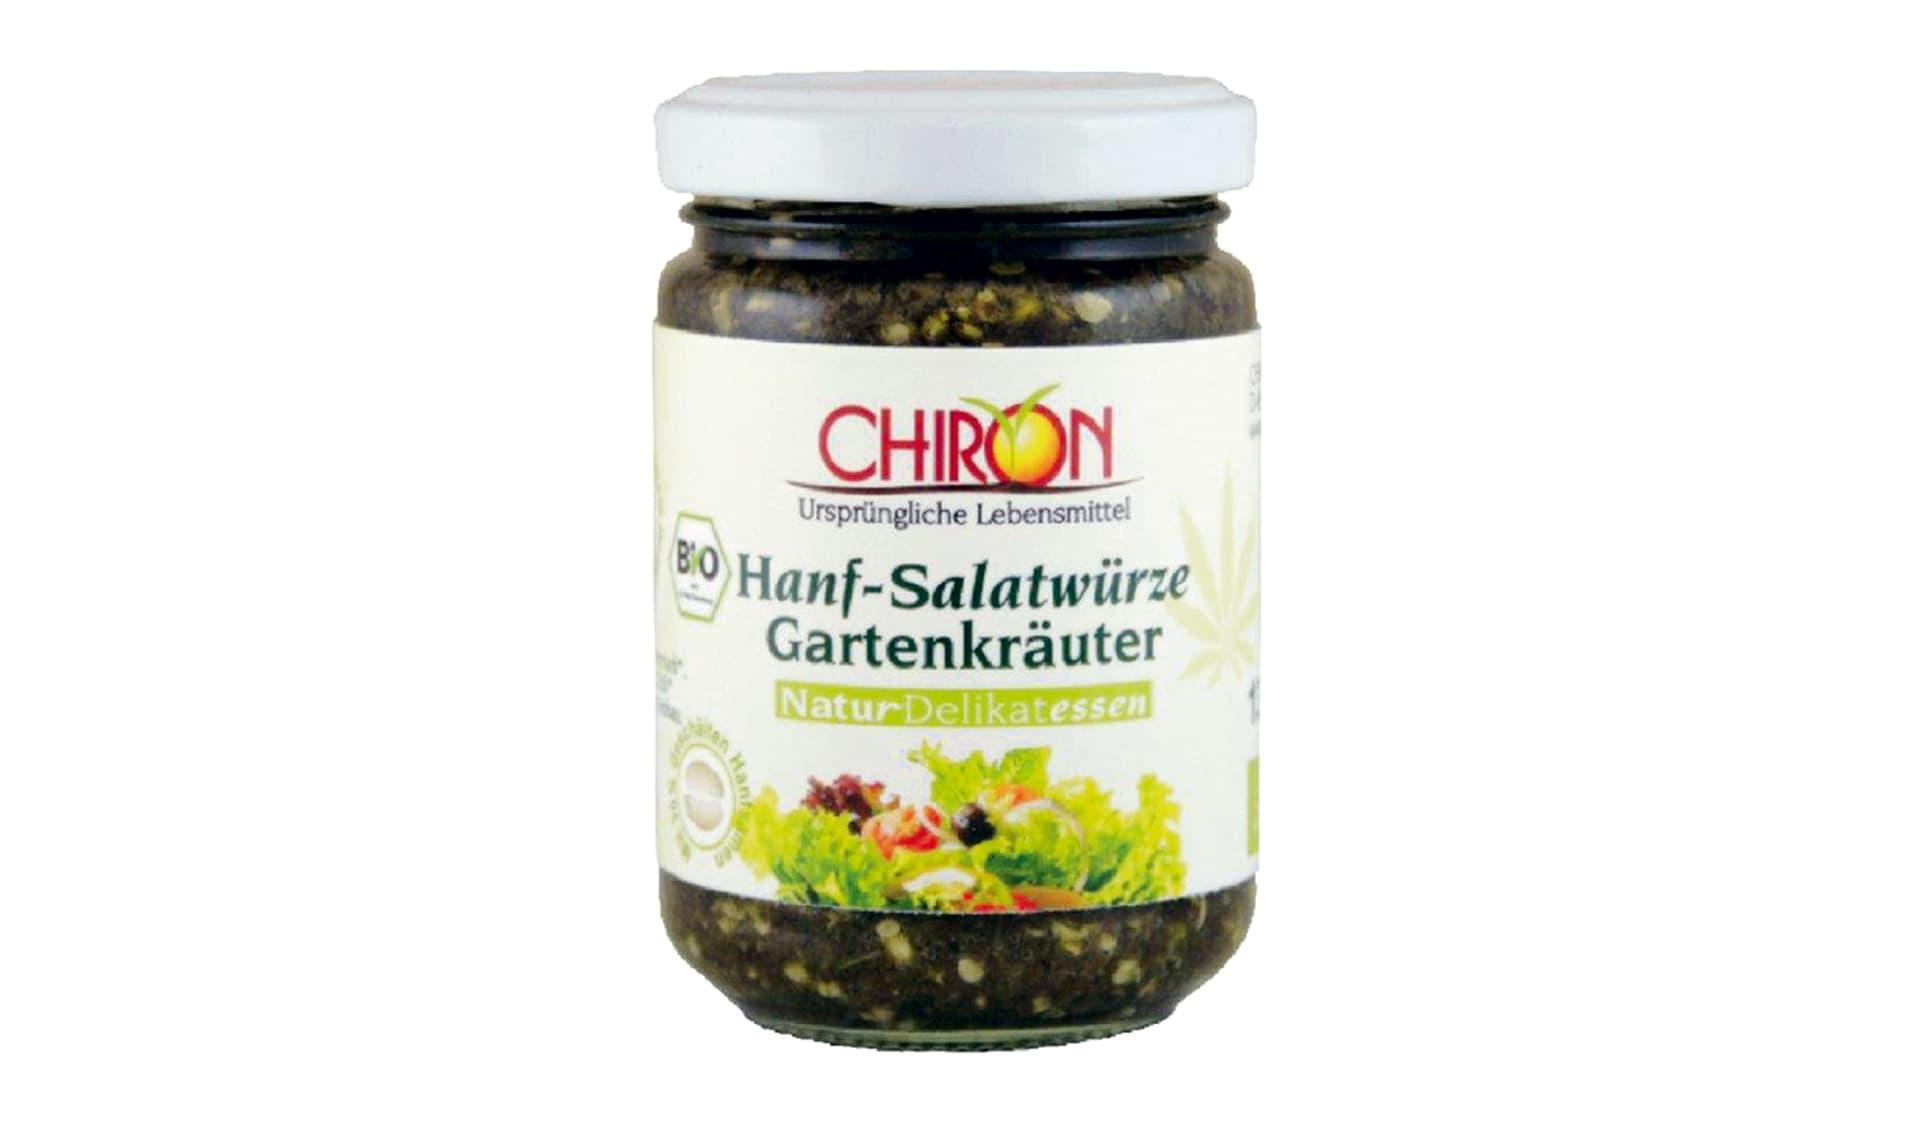 Chiron Hanf-Salatwürze Gartenkräuter (www.naturdelikatessen.de)